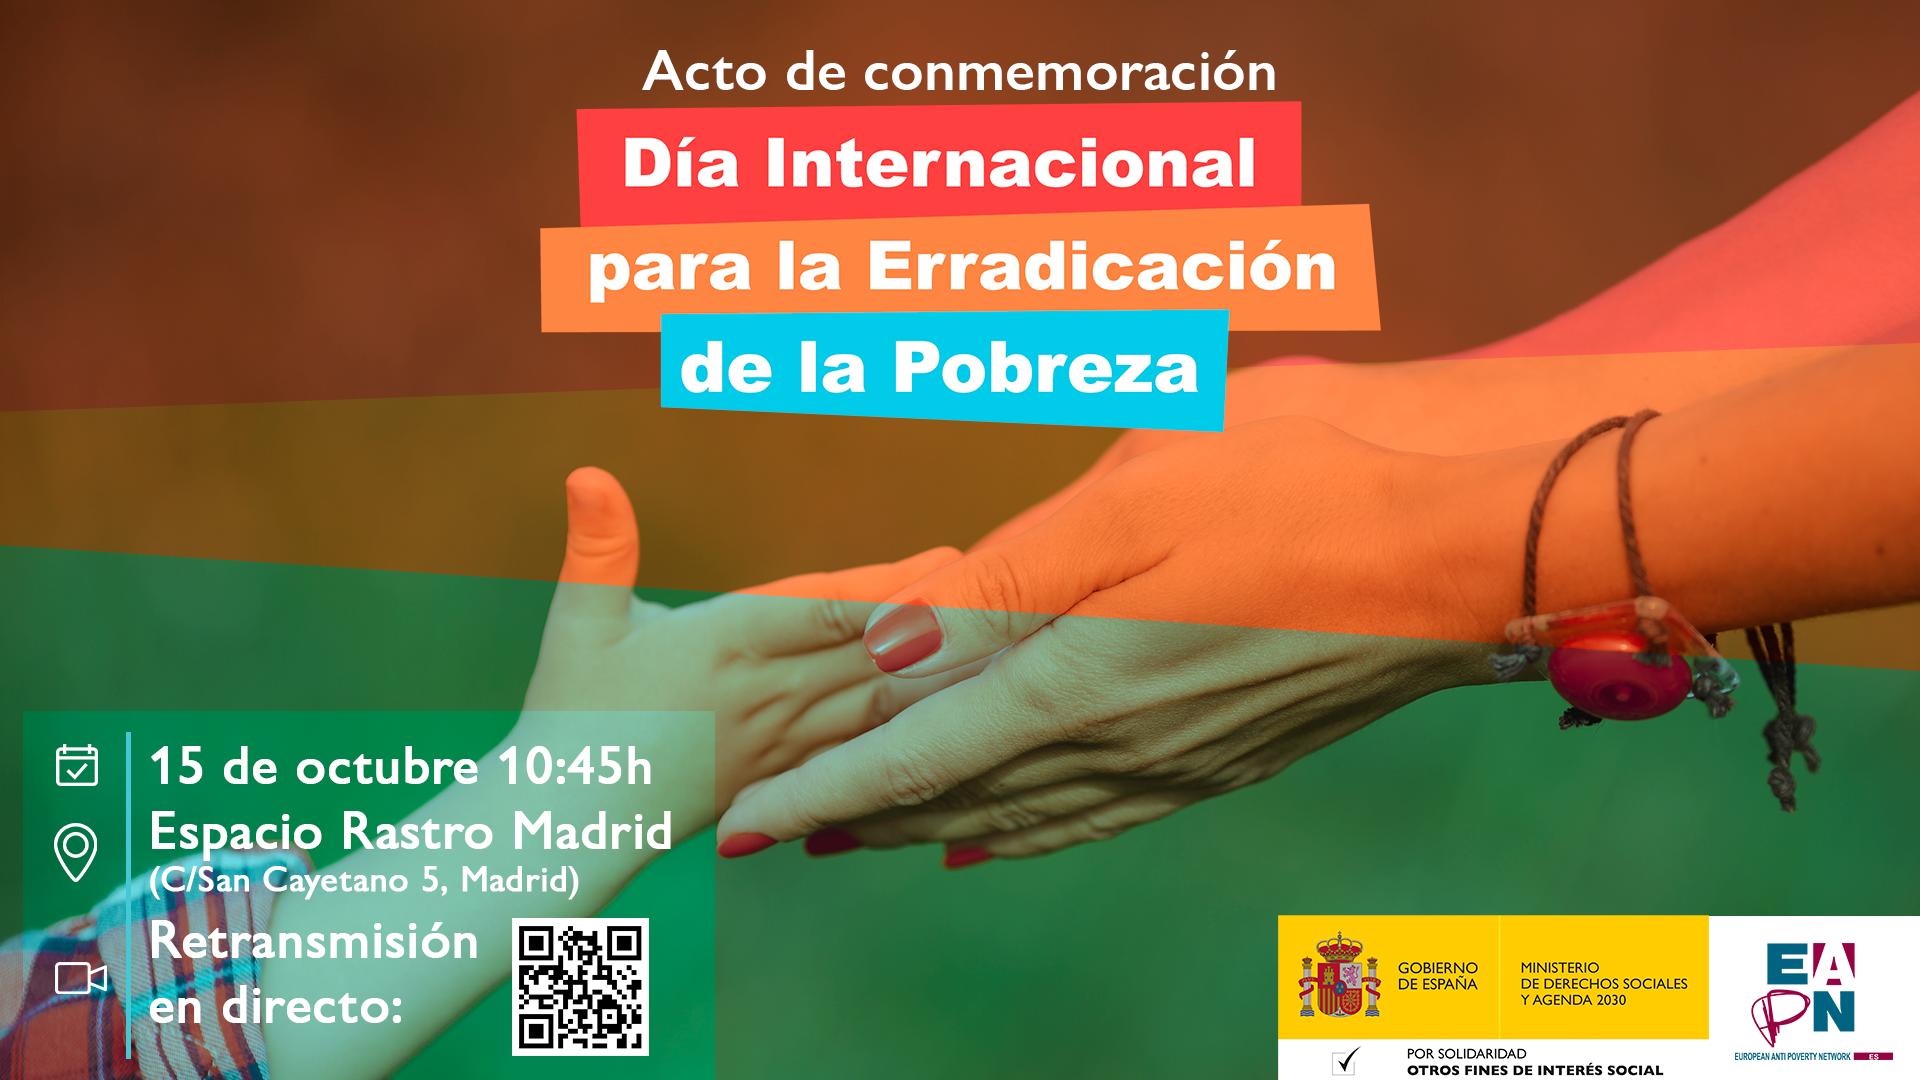 Acto conmemoración Día Internacional para la Erradicación de la Pobreza (online)